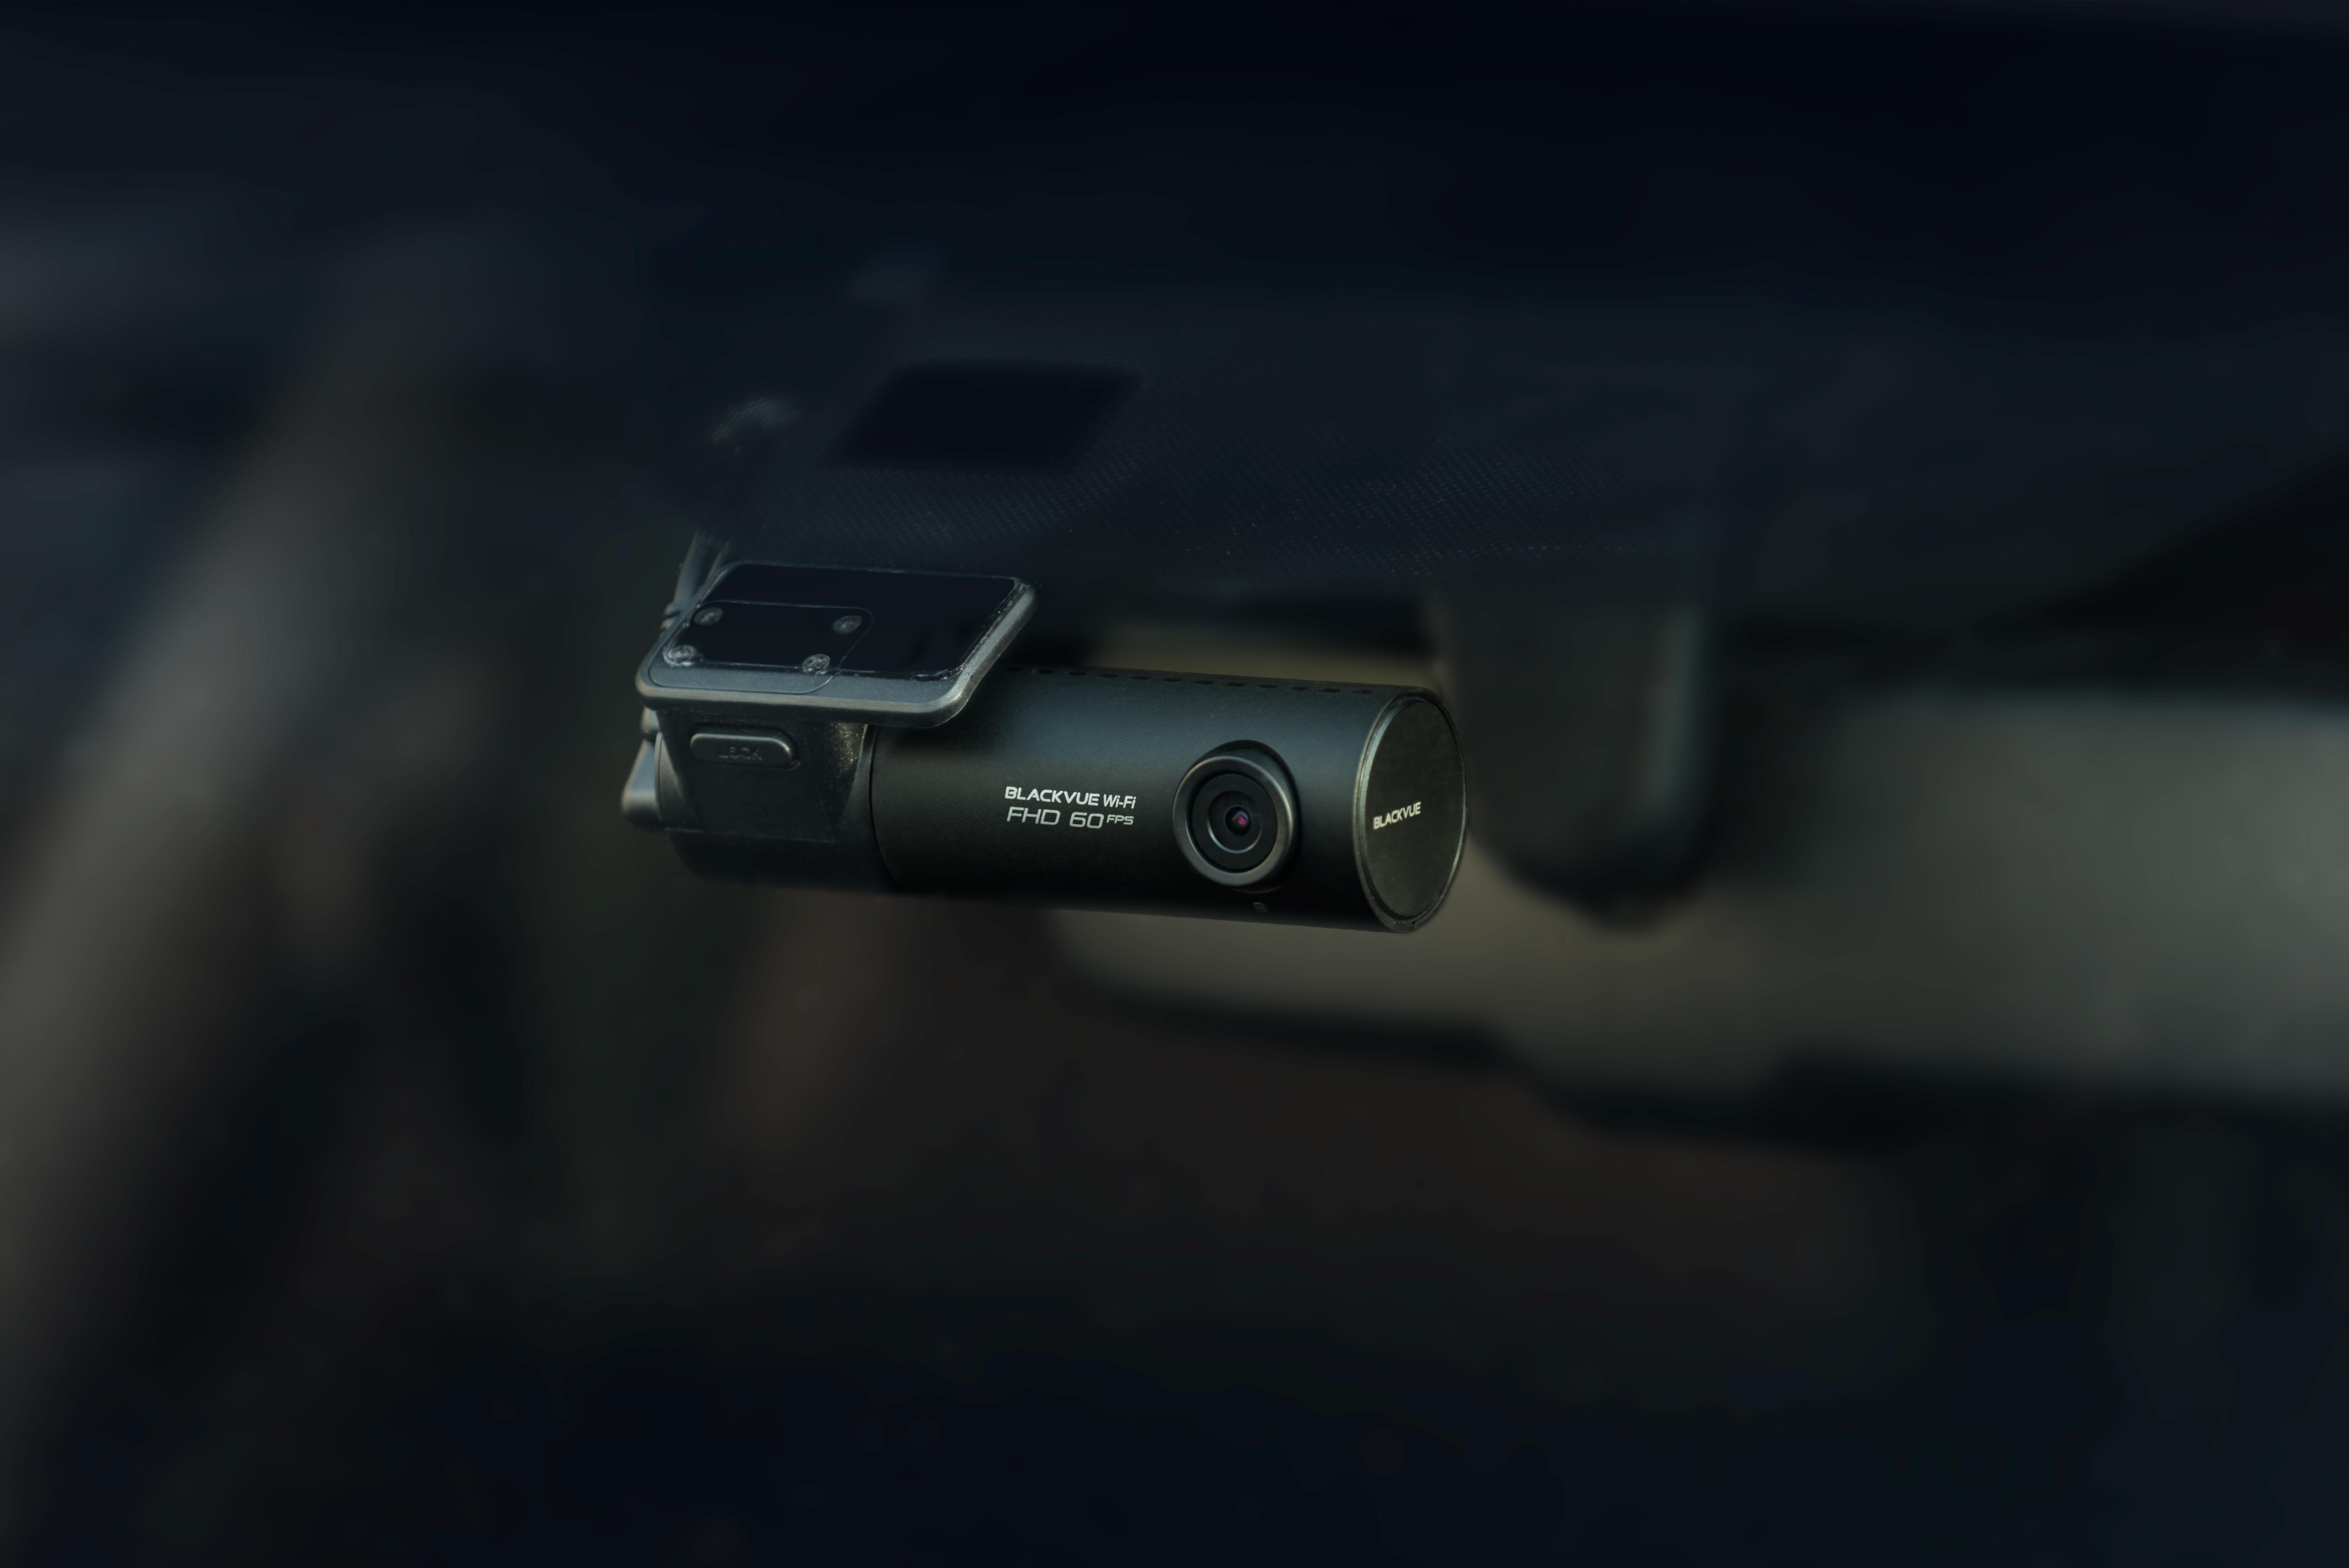 DR590W 1CH In Car PNG 24 - CAMERA HÀNH TRÌNH BLACKVUE DR590X-1CH